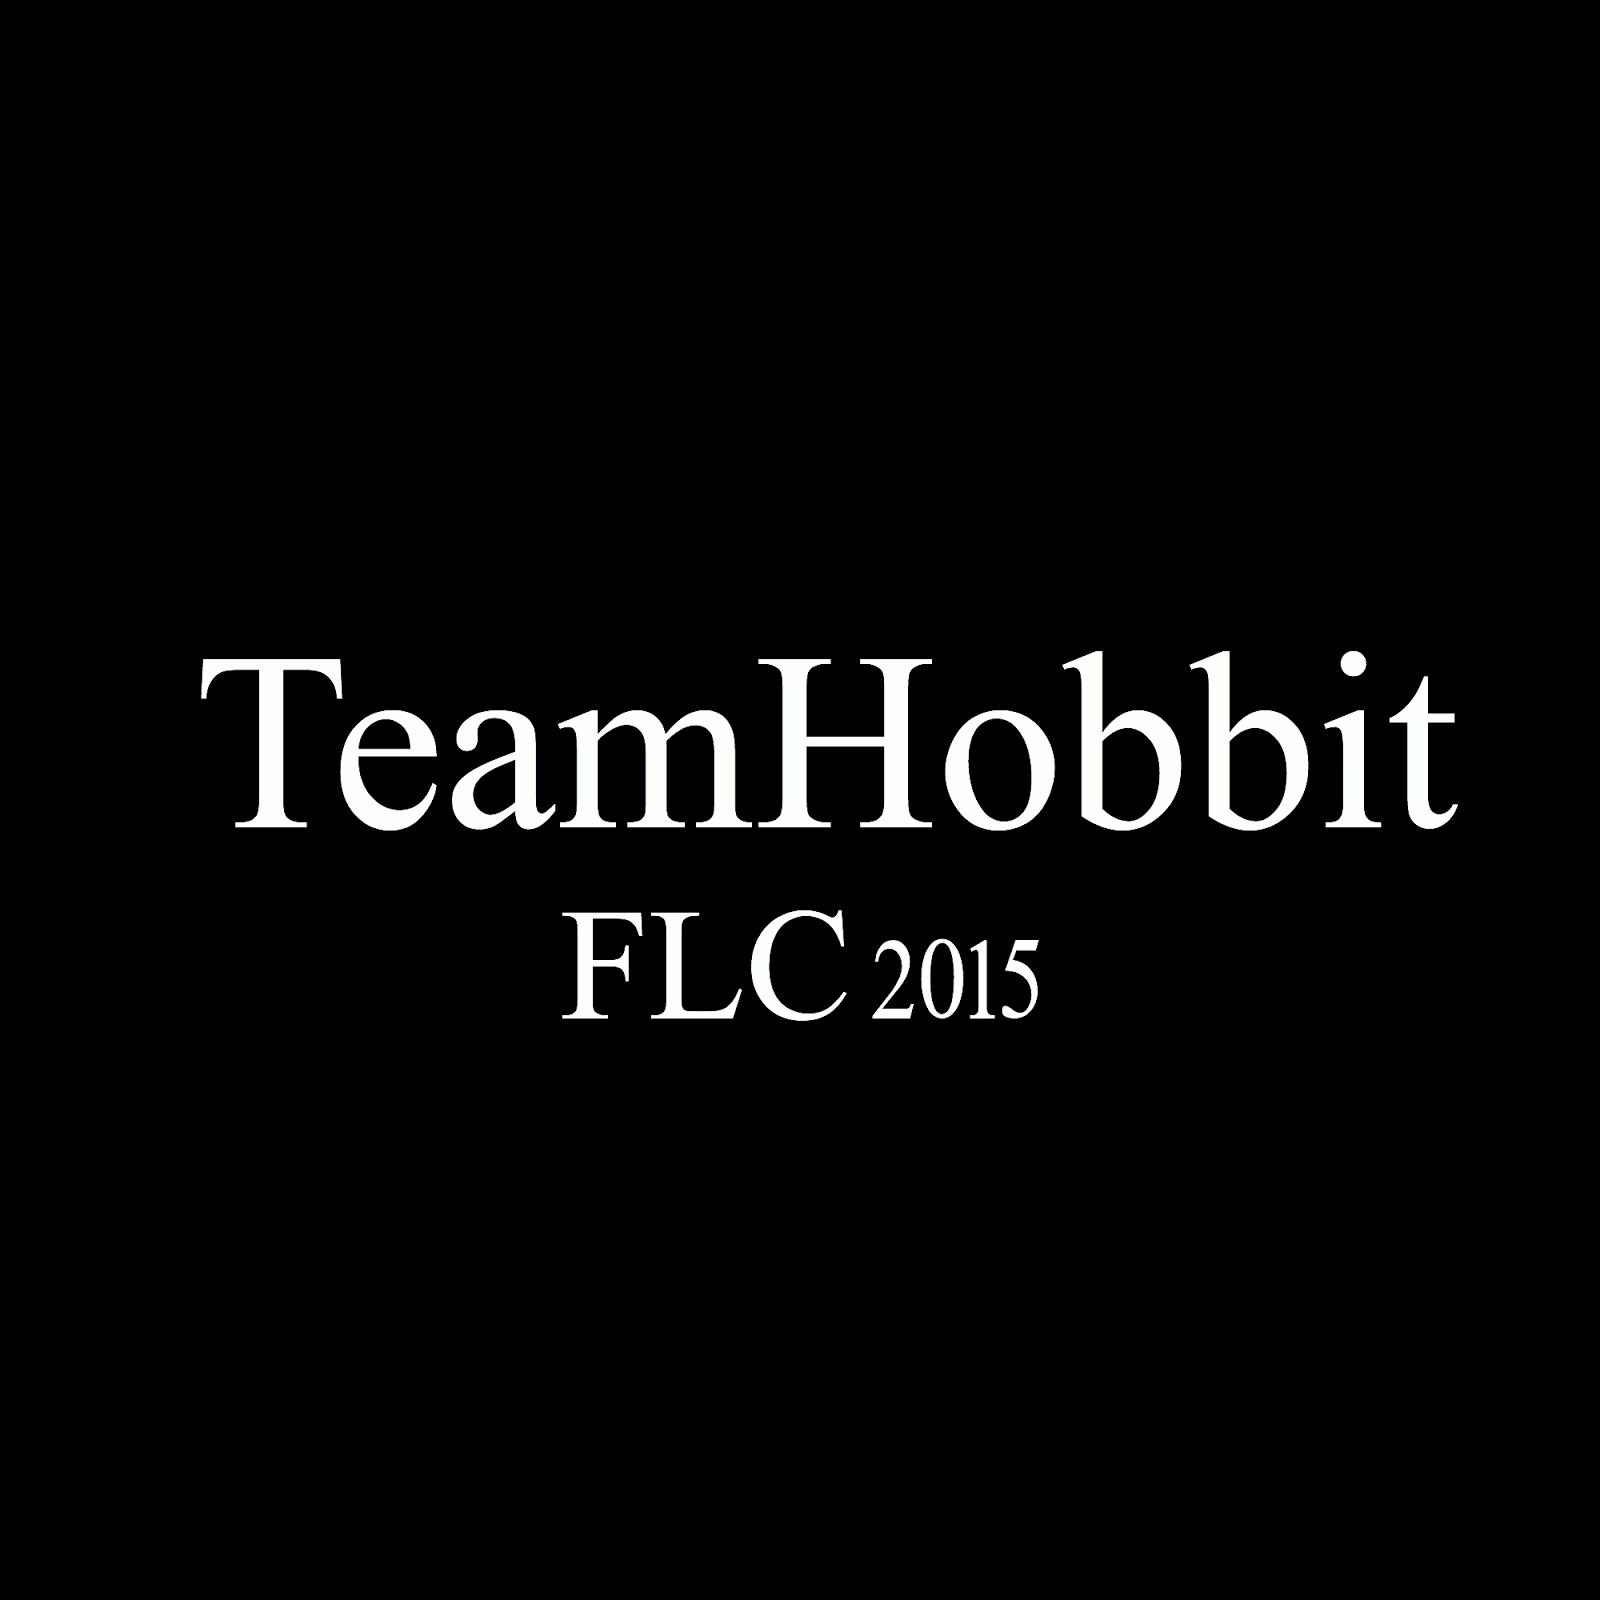 Team Hobbit